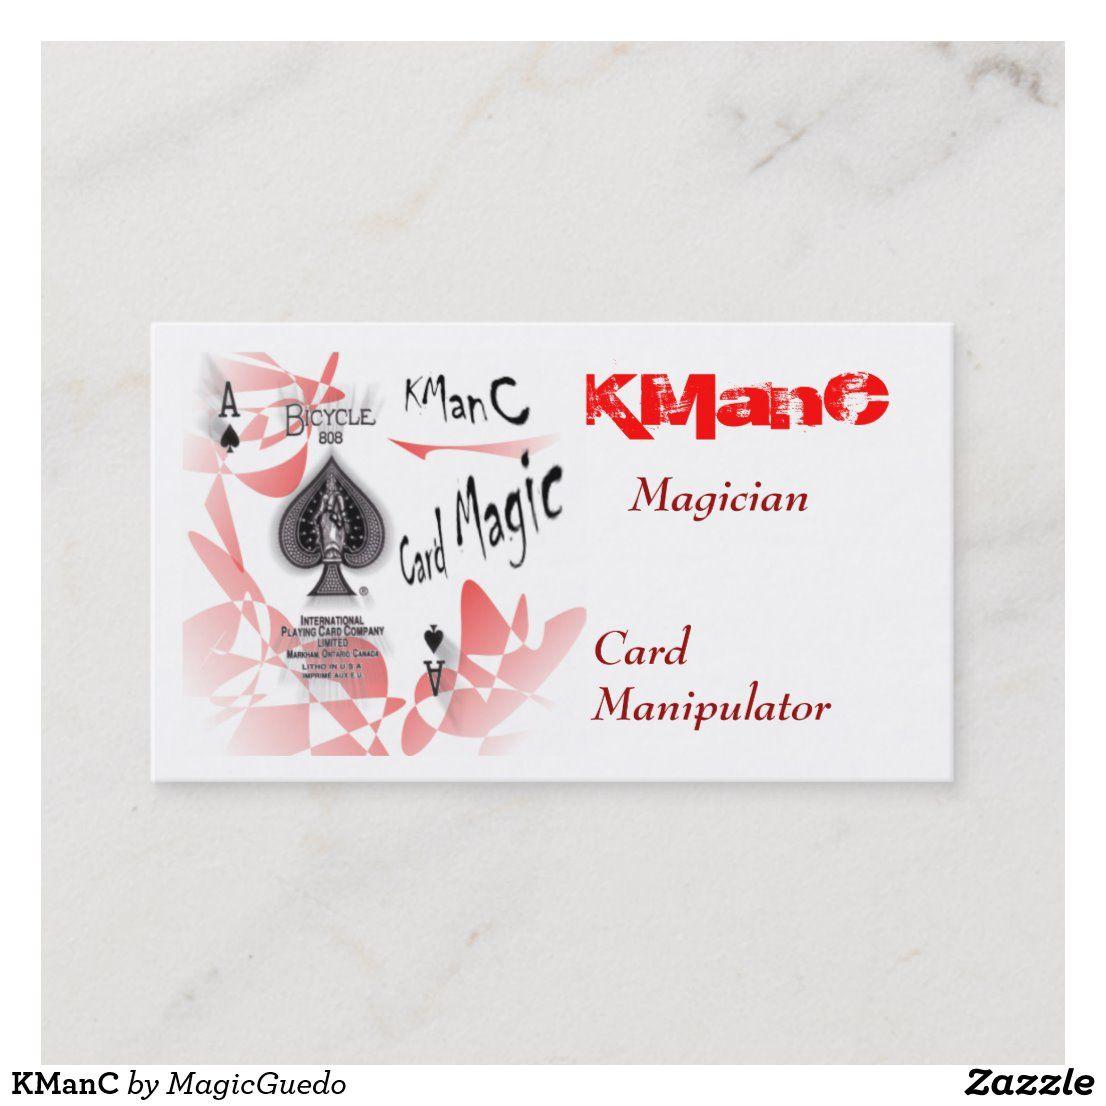 Kmanc Business Card Zazzle Com Cards Business Cards Quality Cards